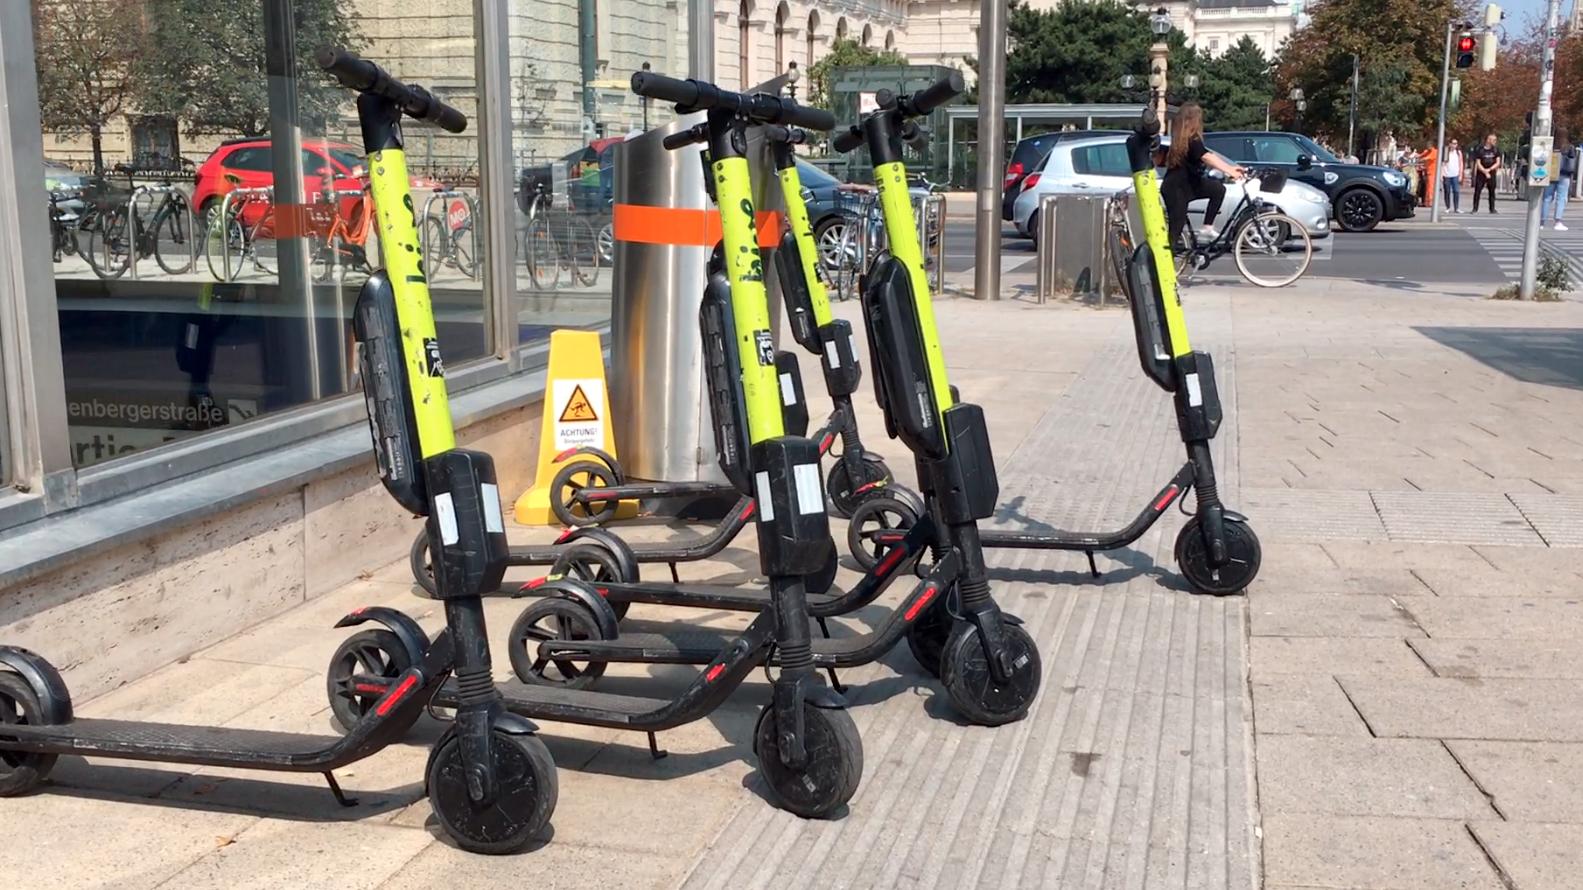 Mehrere E-Scooter schön in Reihe auf Blindenleitstreifen aufgestellt